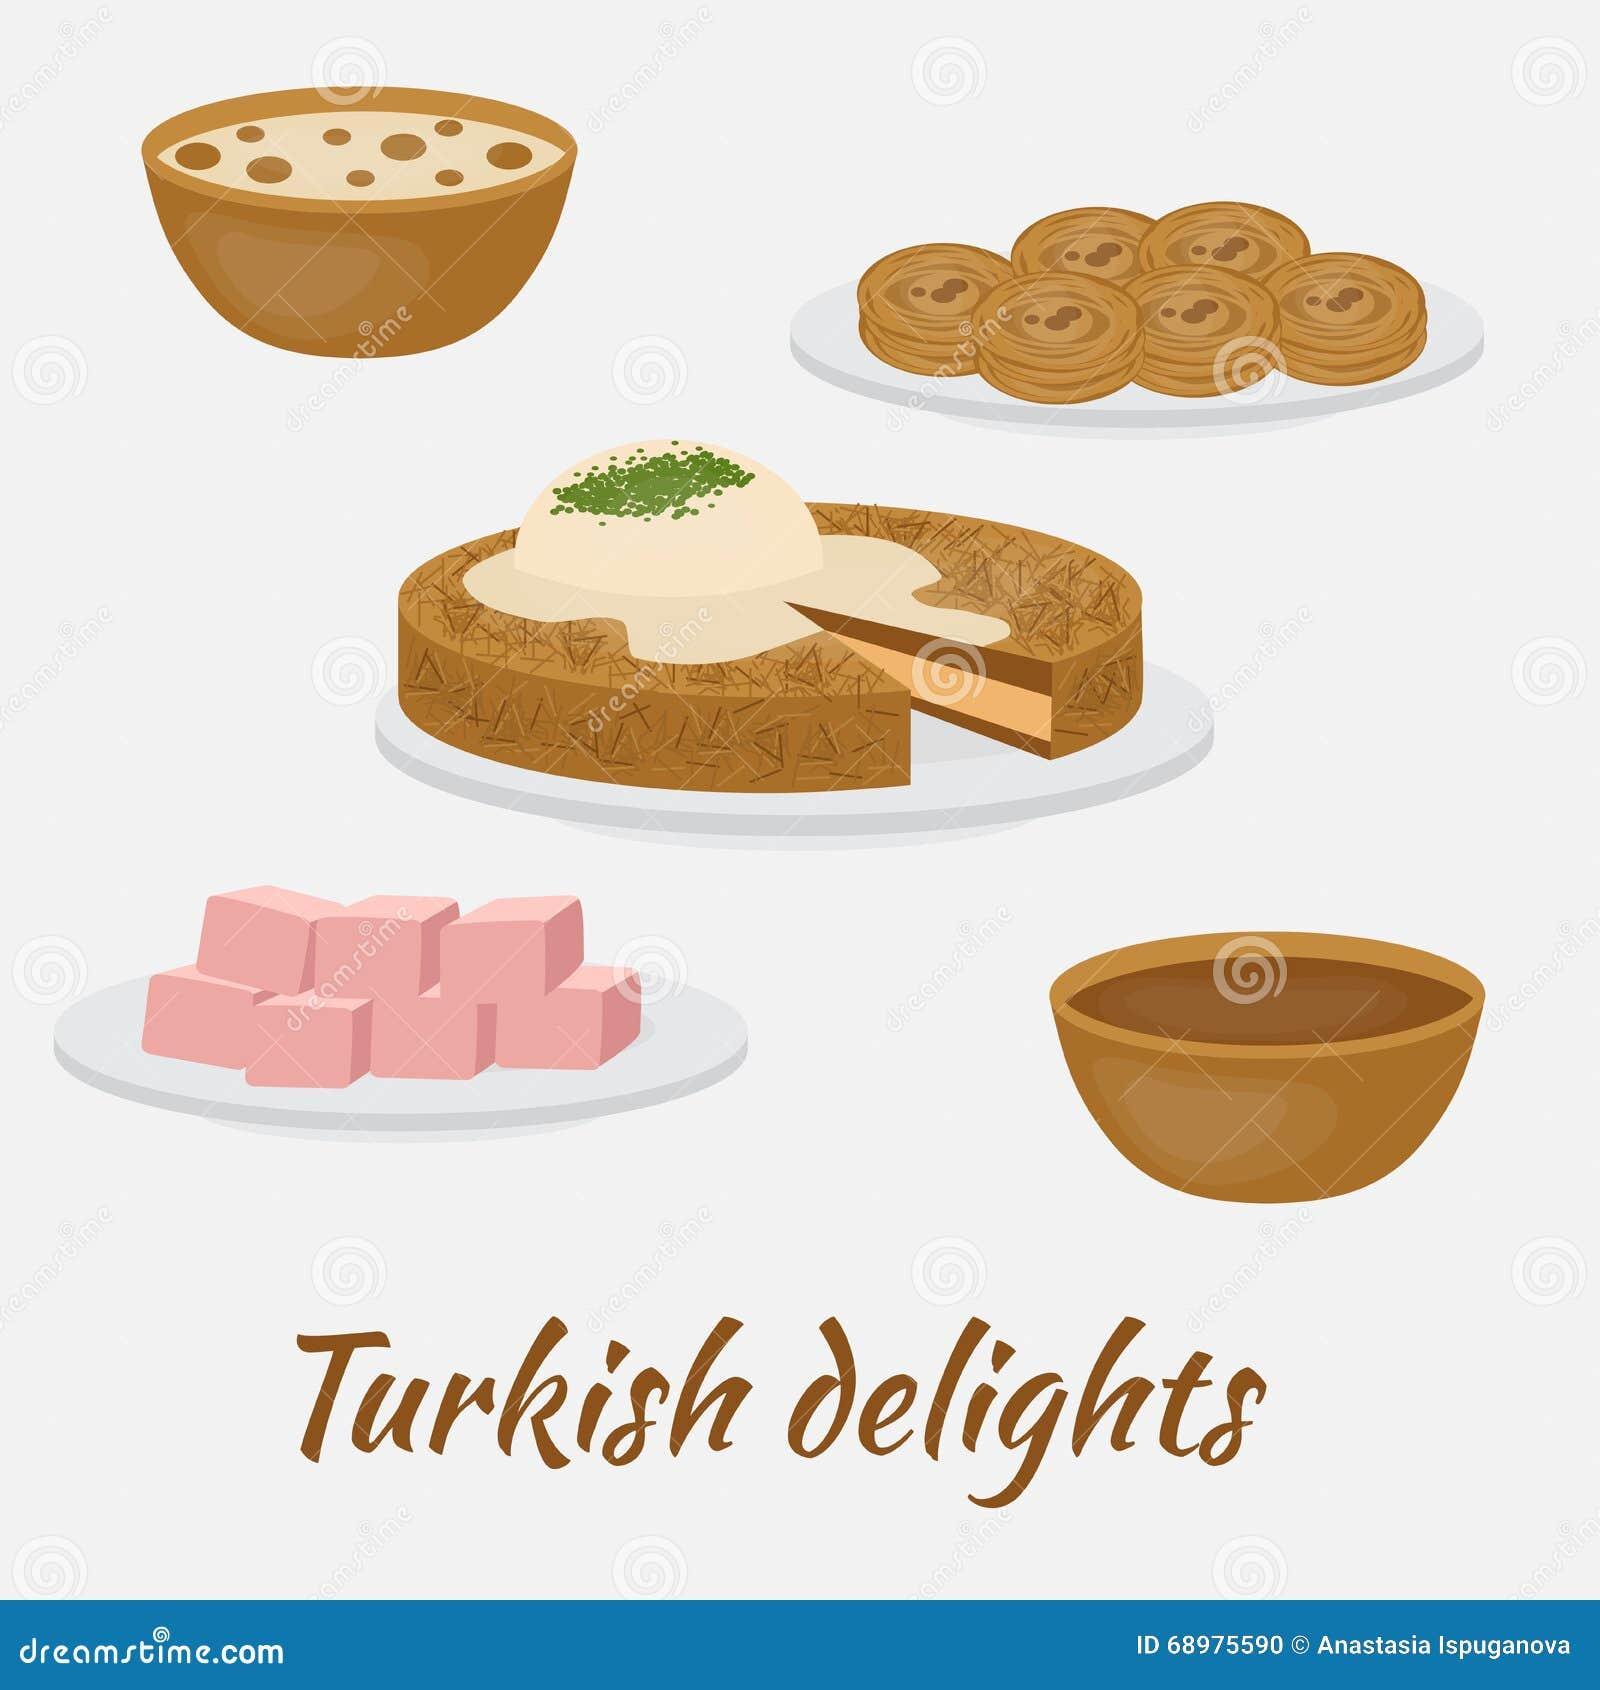 Postres comunes Placeres turcos Comida tradicional de la cocina turca